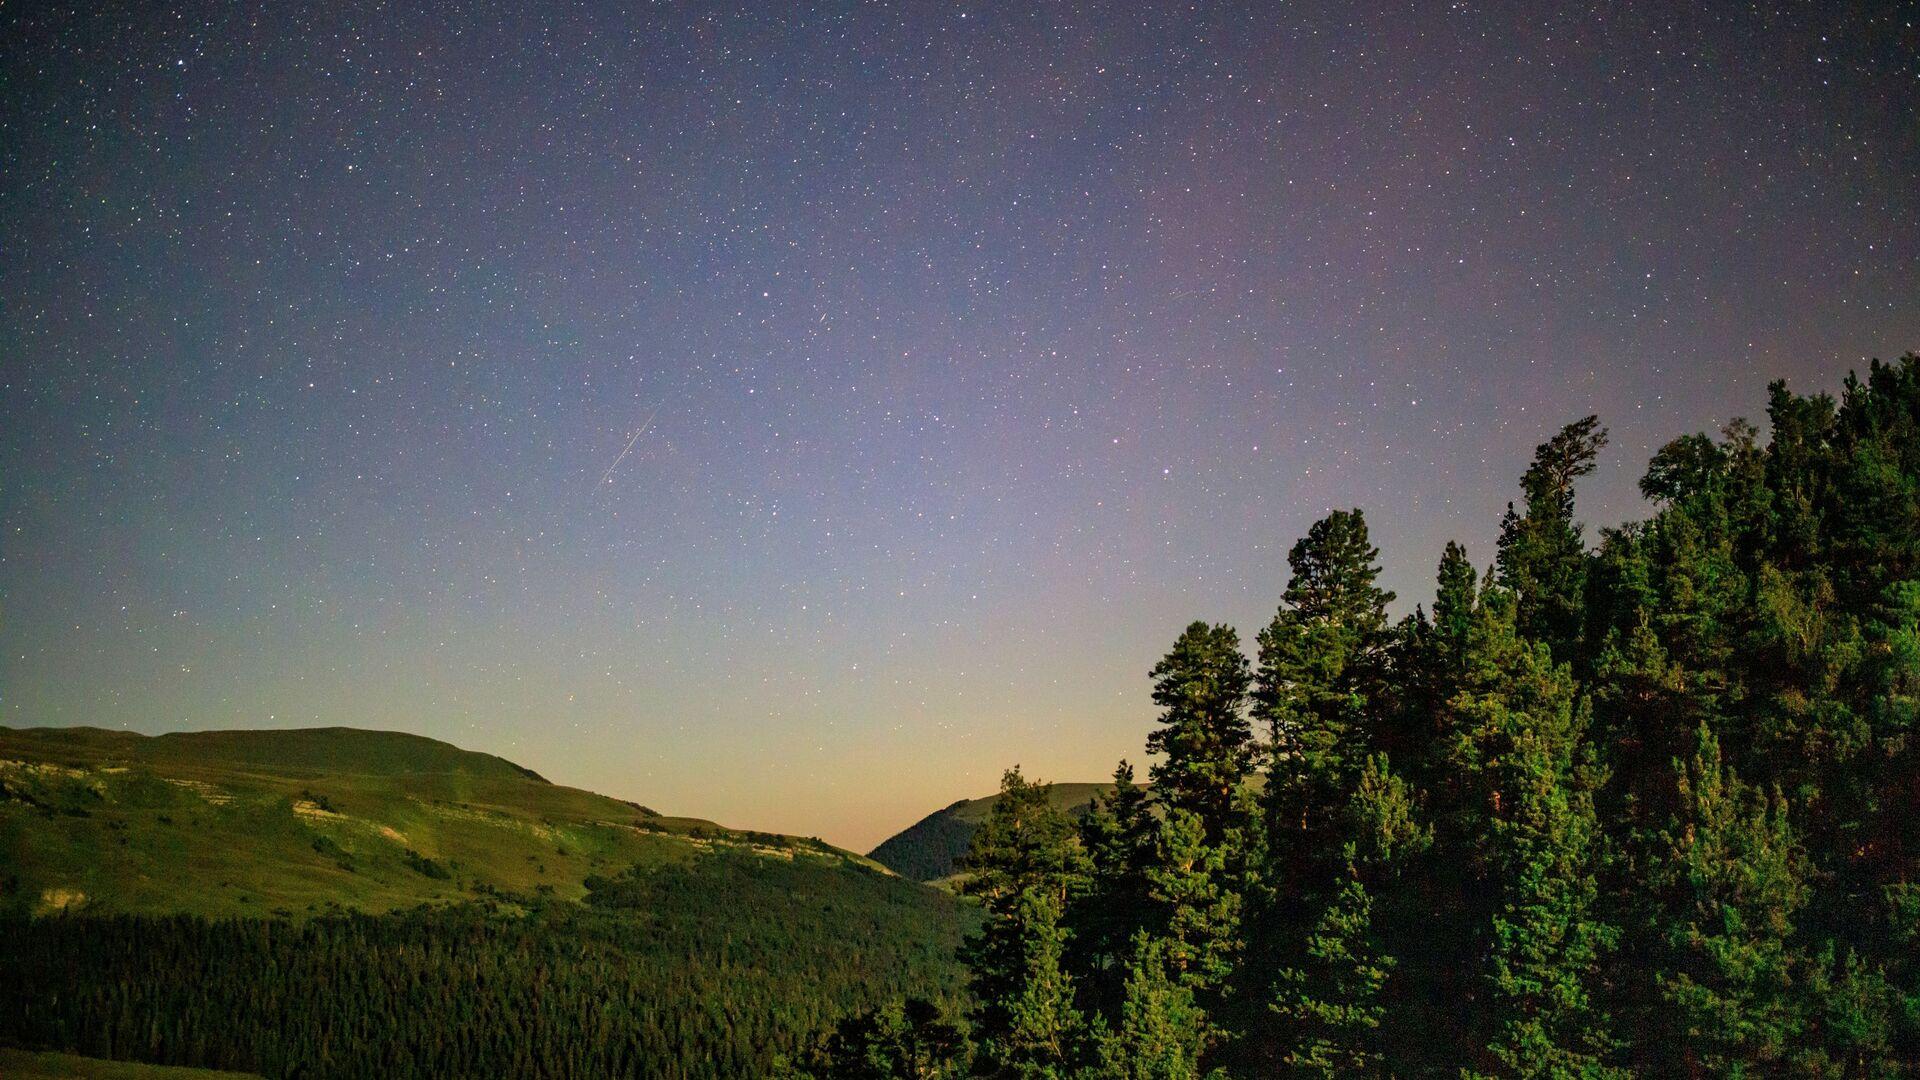 Звездное небо, наблюдаемое в Краснодарском крае во время метеорного потока Персеиды - Sputnik Грузия, 1920, 06.09.2021